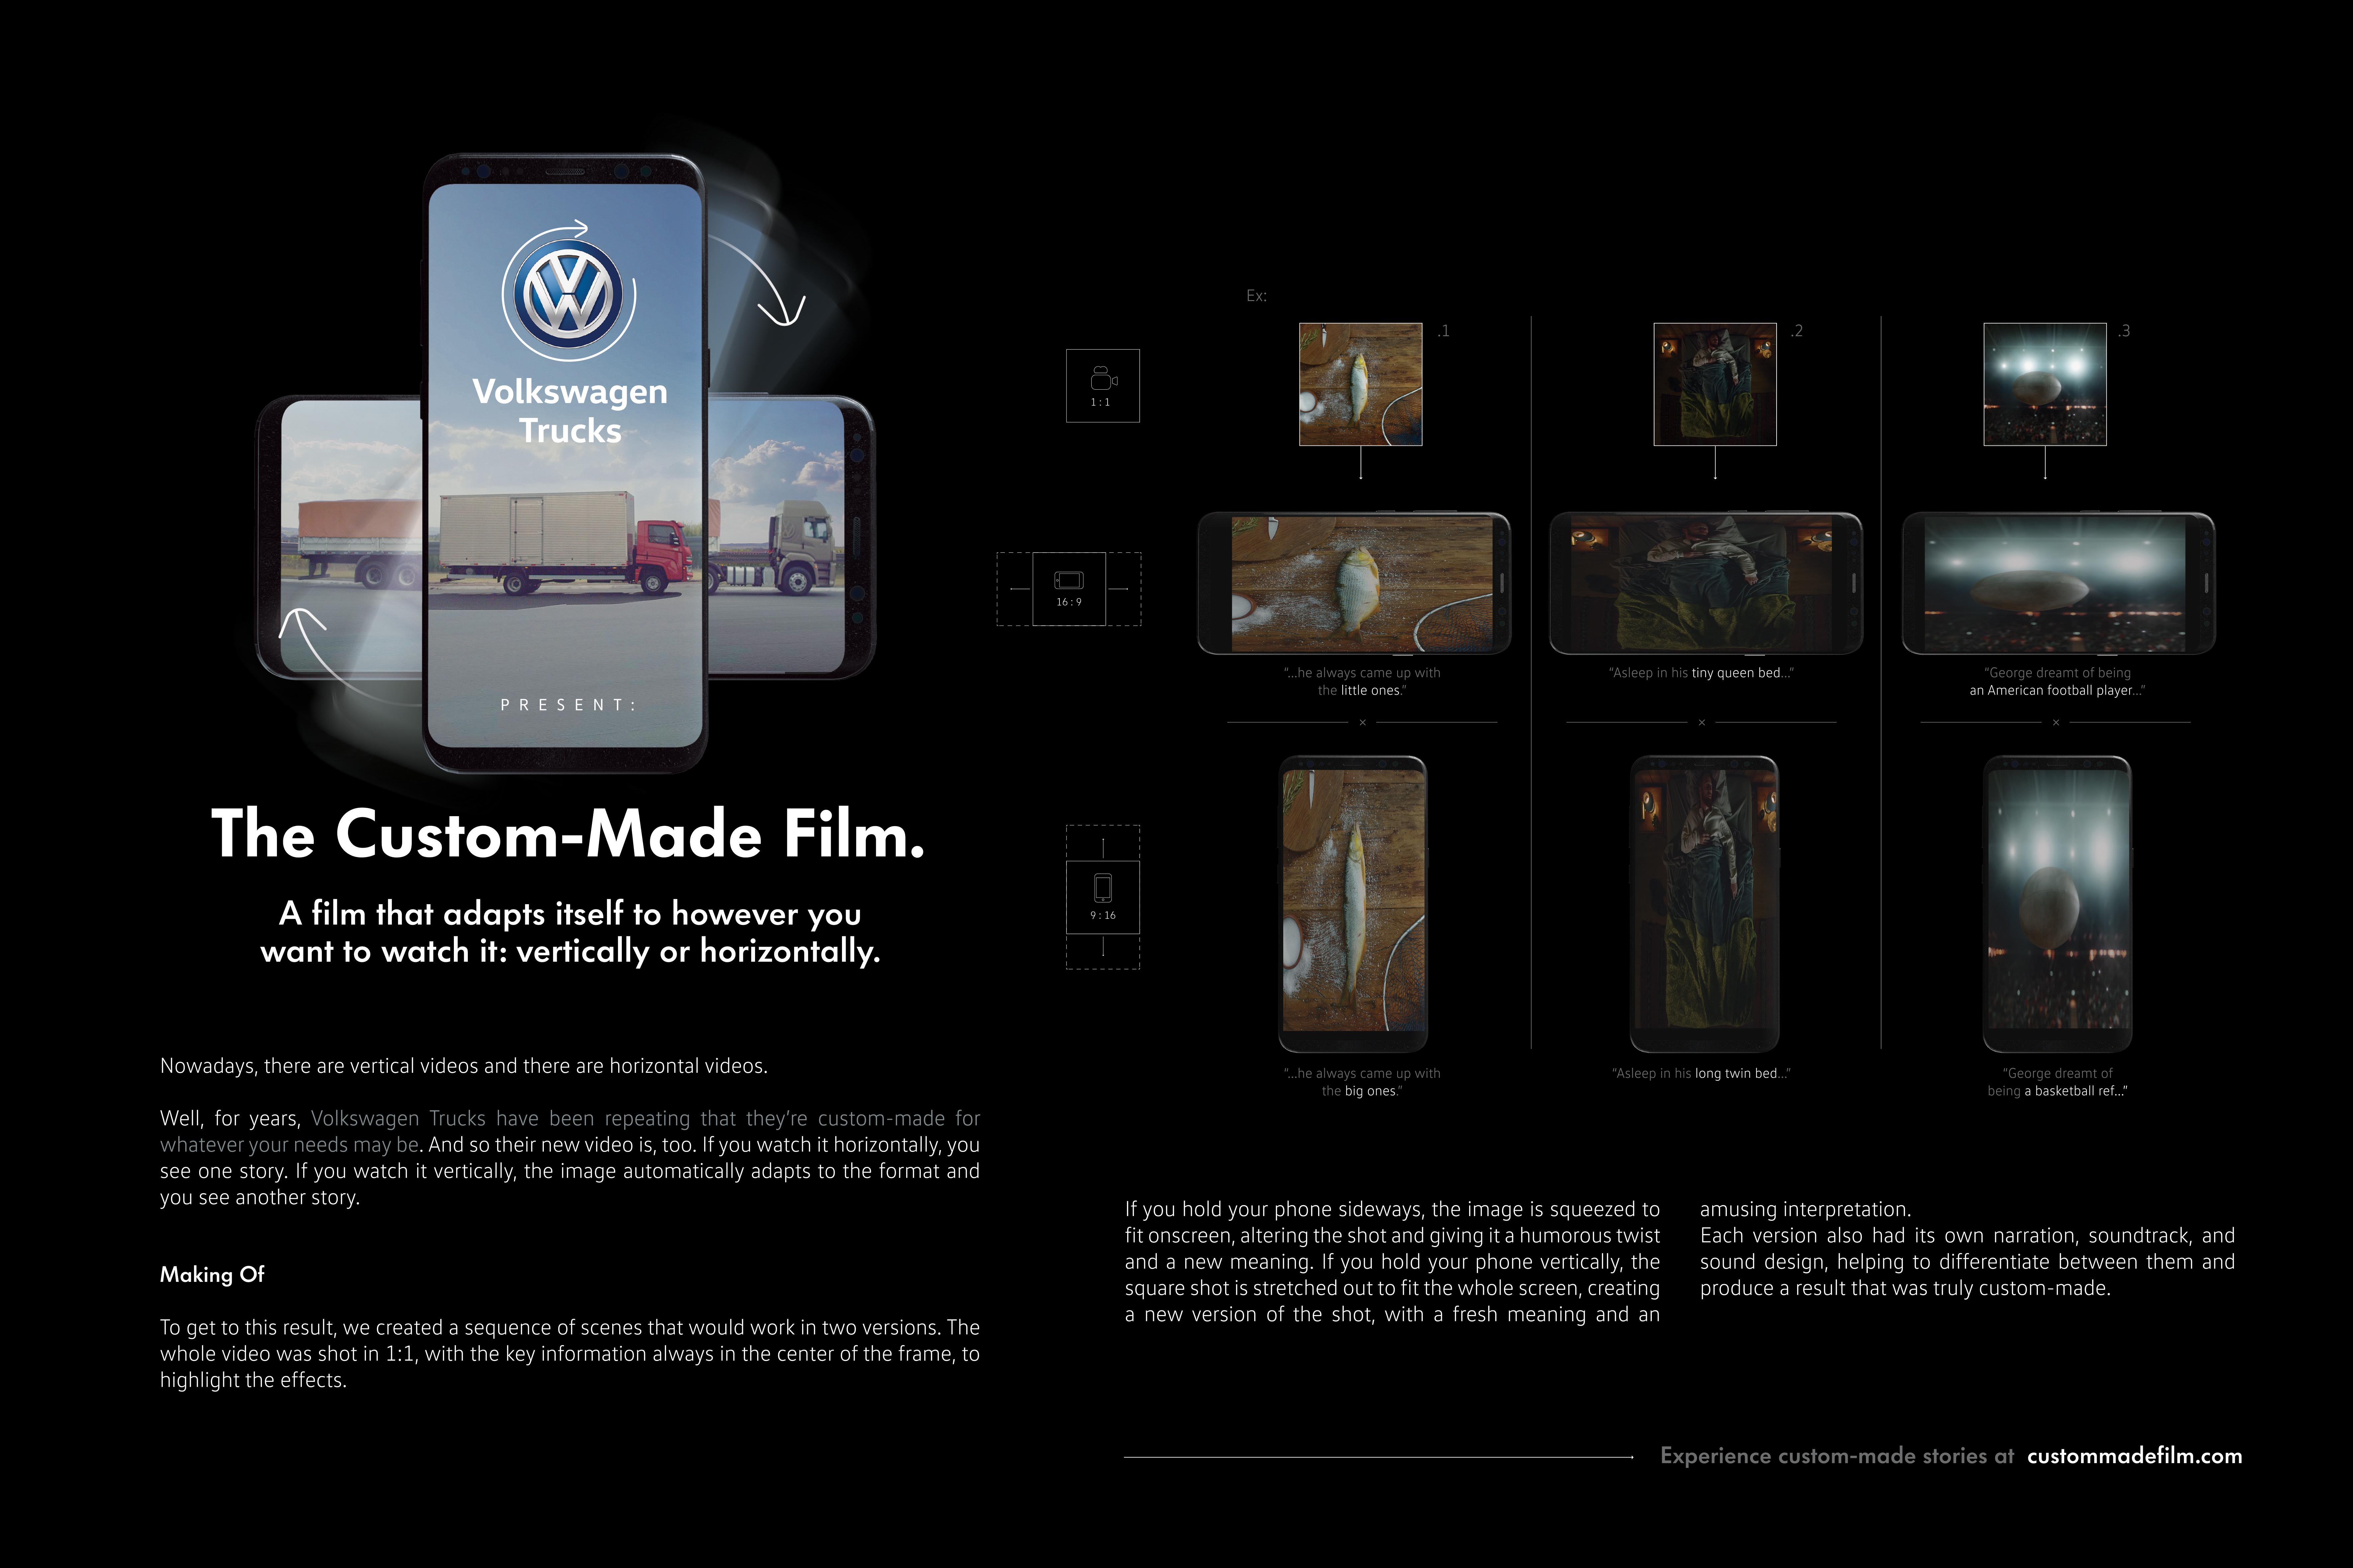 Thumbnail for The custom-made film